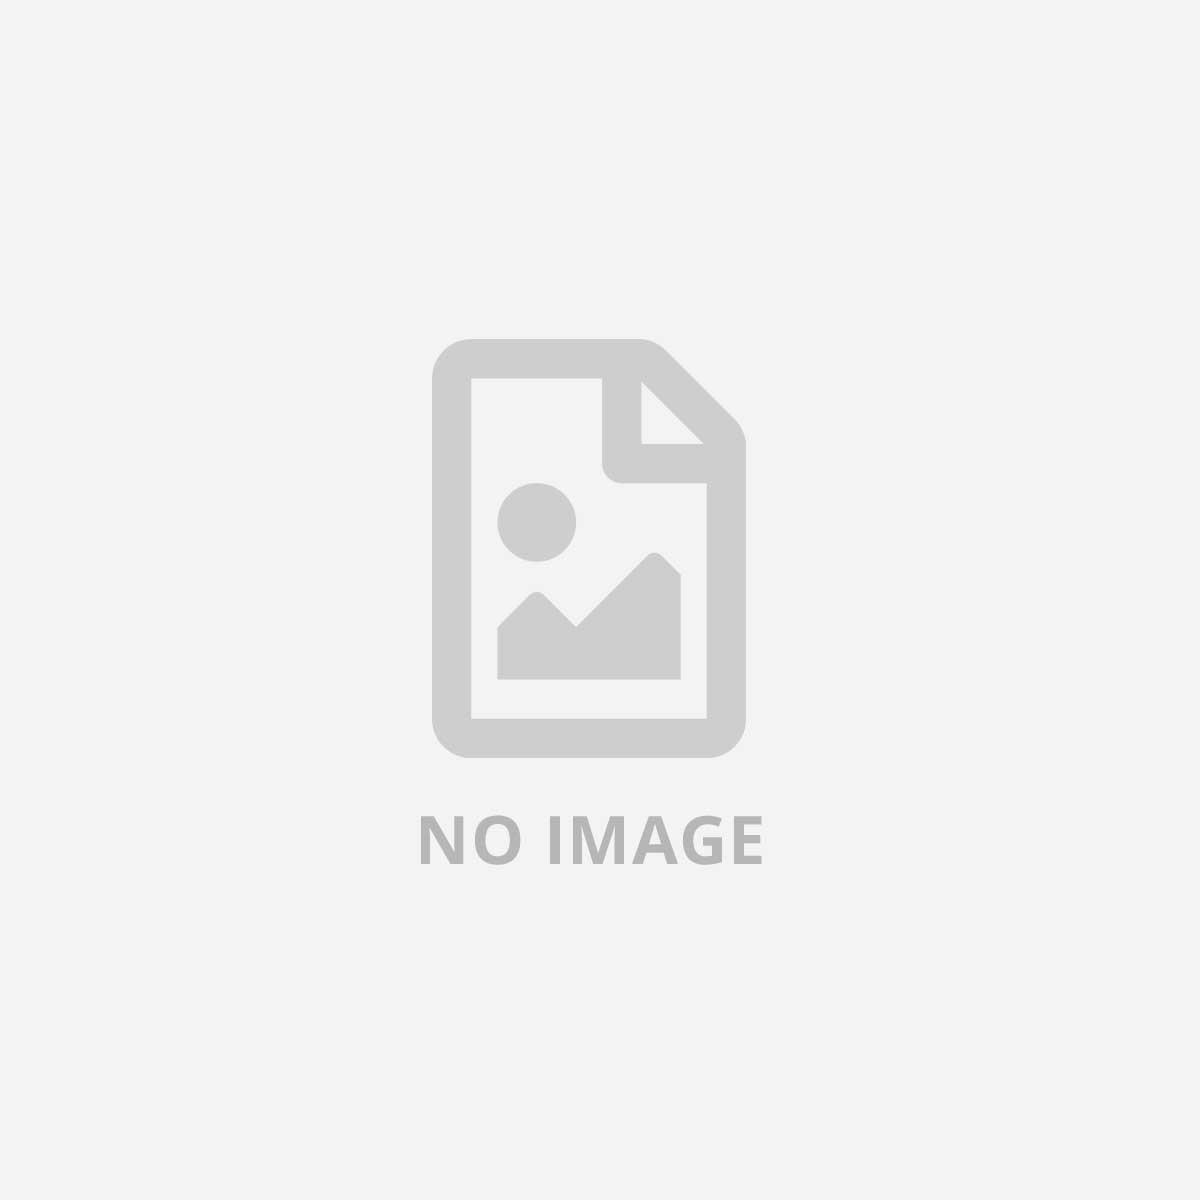 WATCHGUARD WIRELESS ANTENNA  XTM 2 SERIES